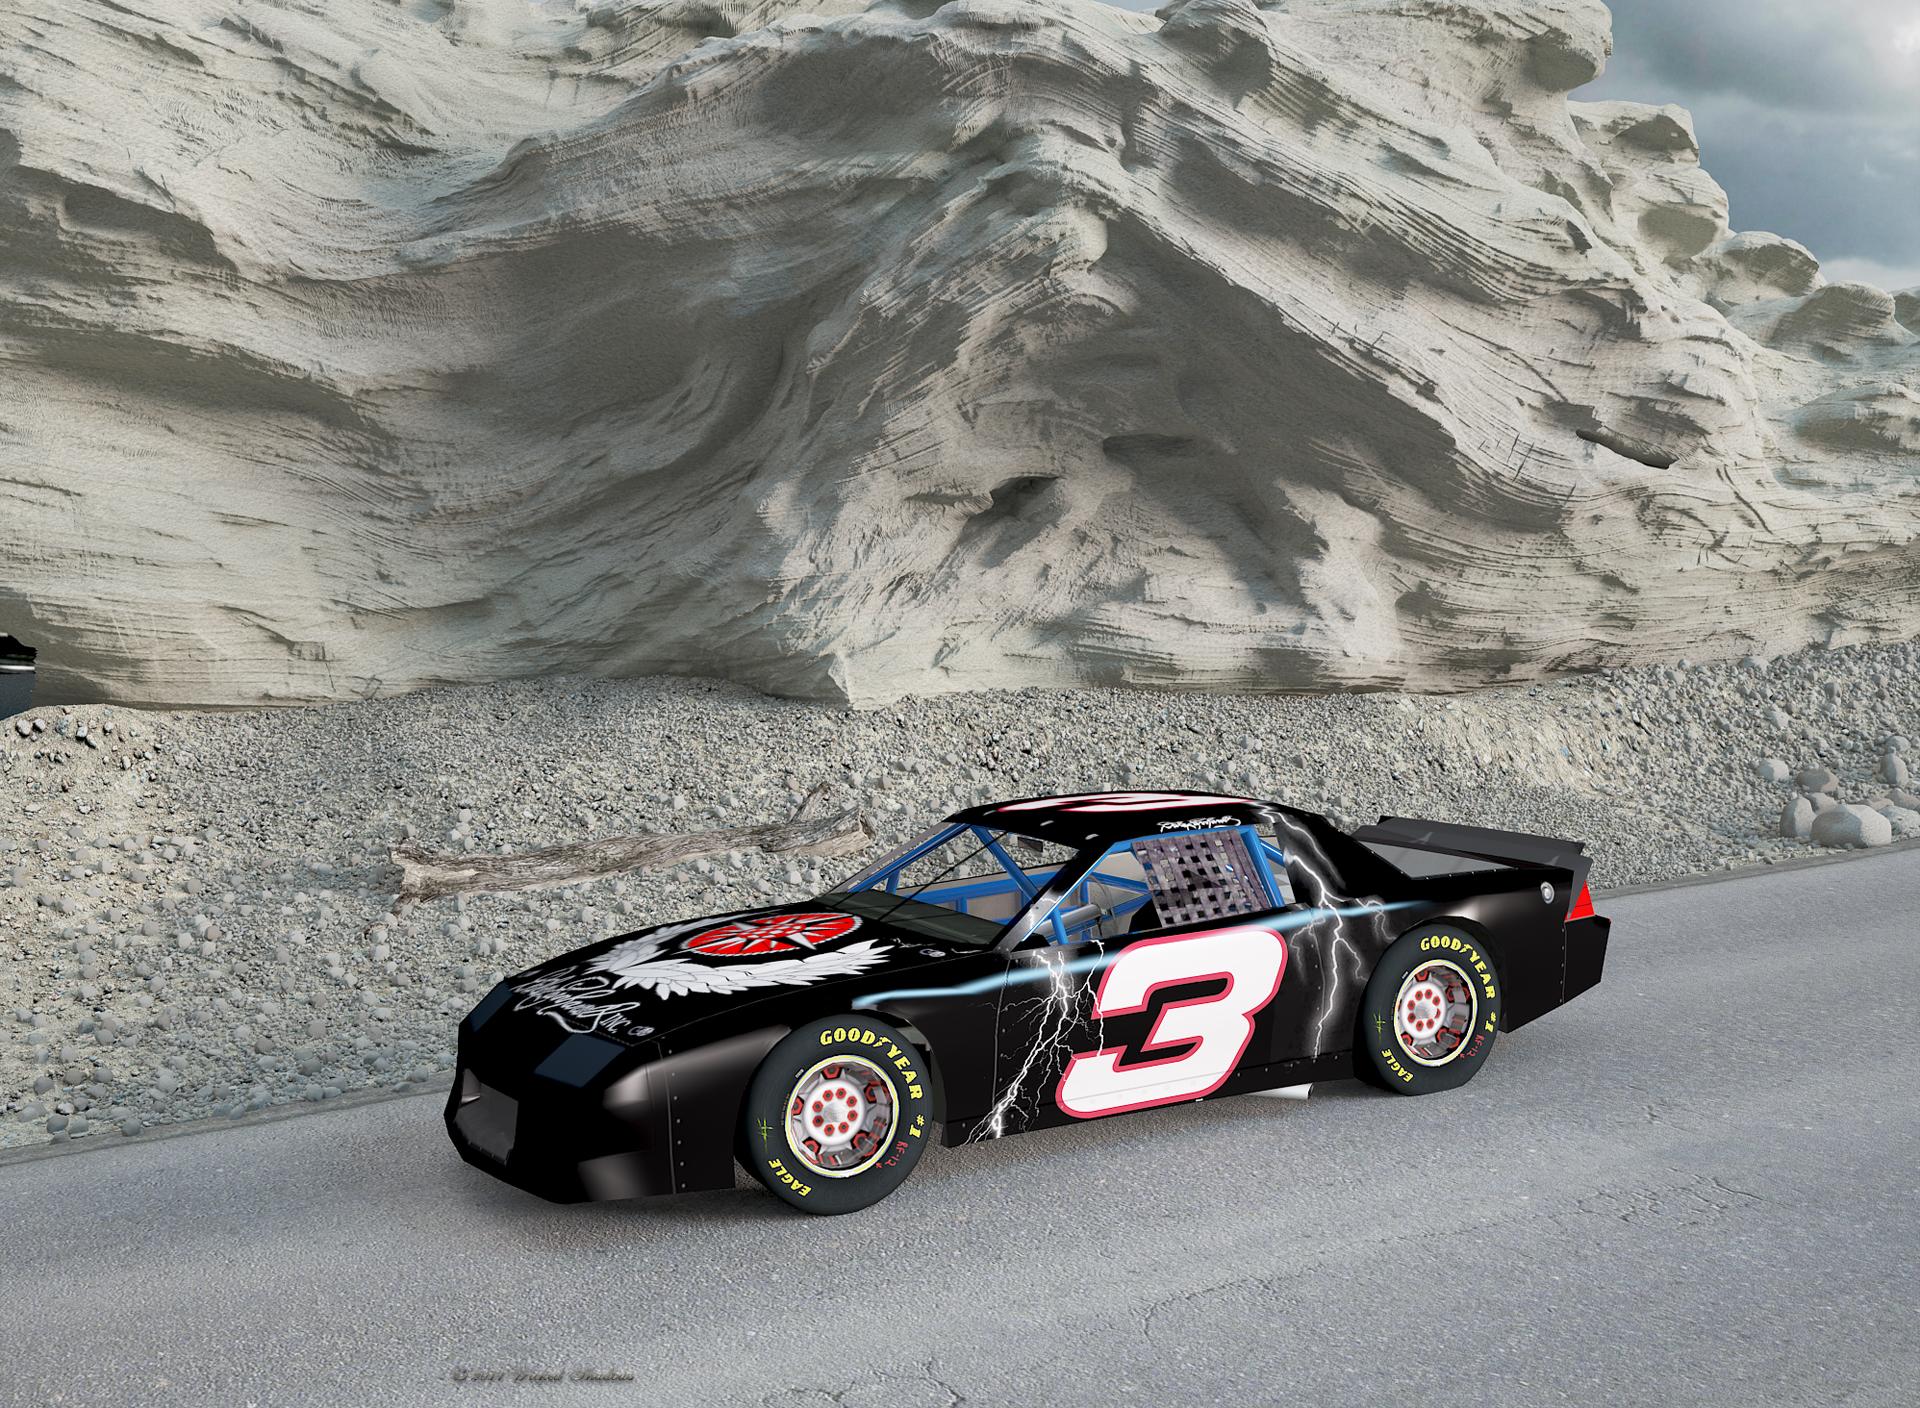 best ideas about Dale earnhardt on Pinterest NASCAR Dale